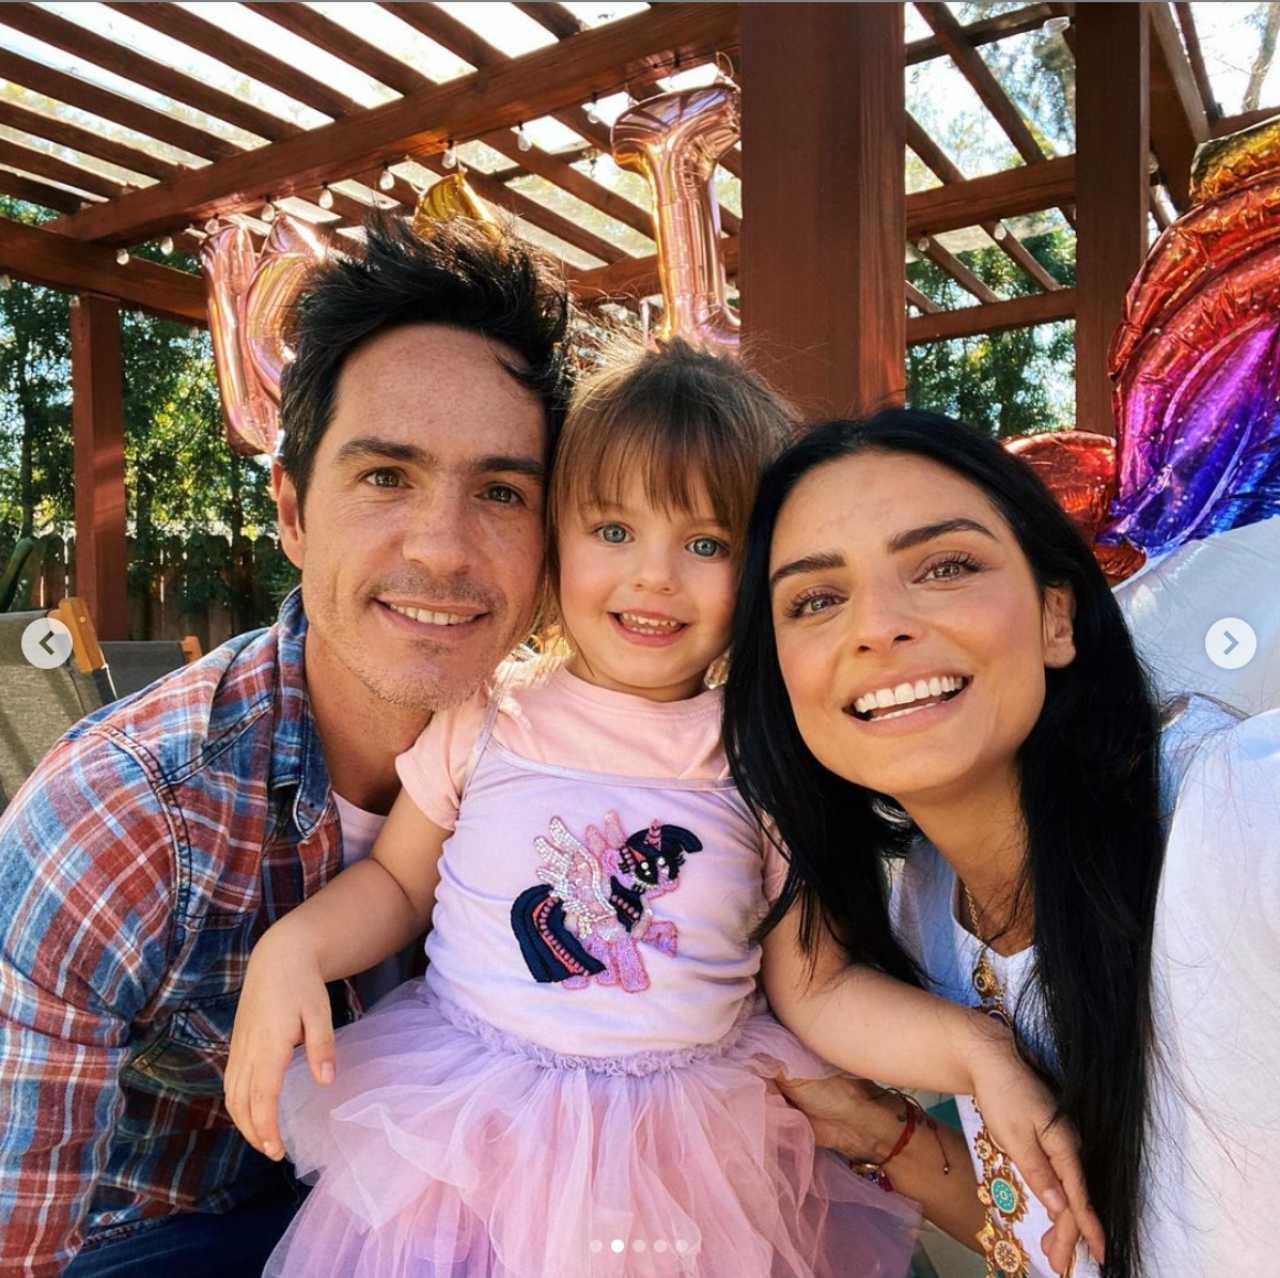 Aislinn Derbez con su hija y su esposo